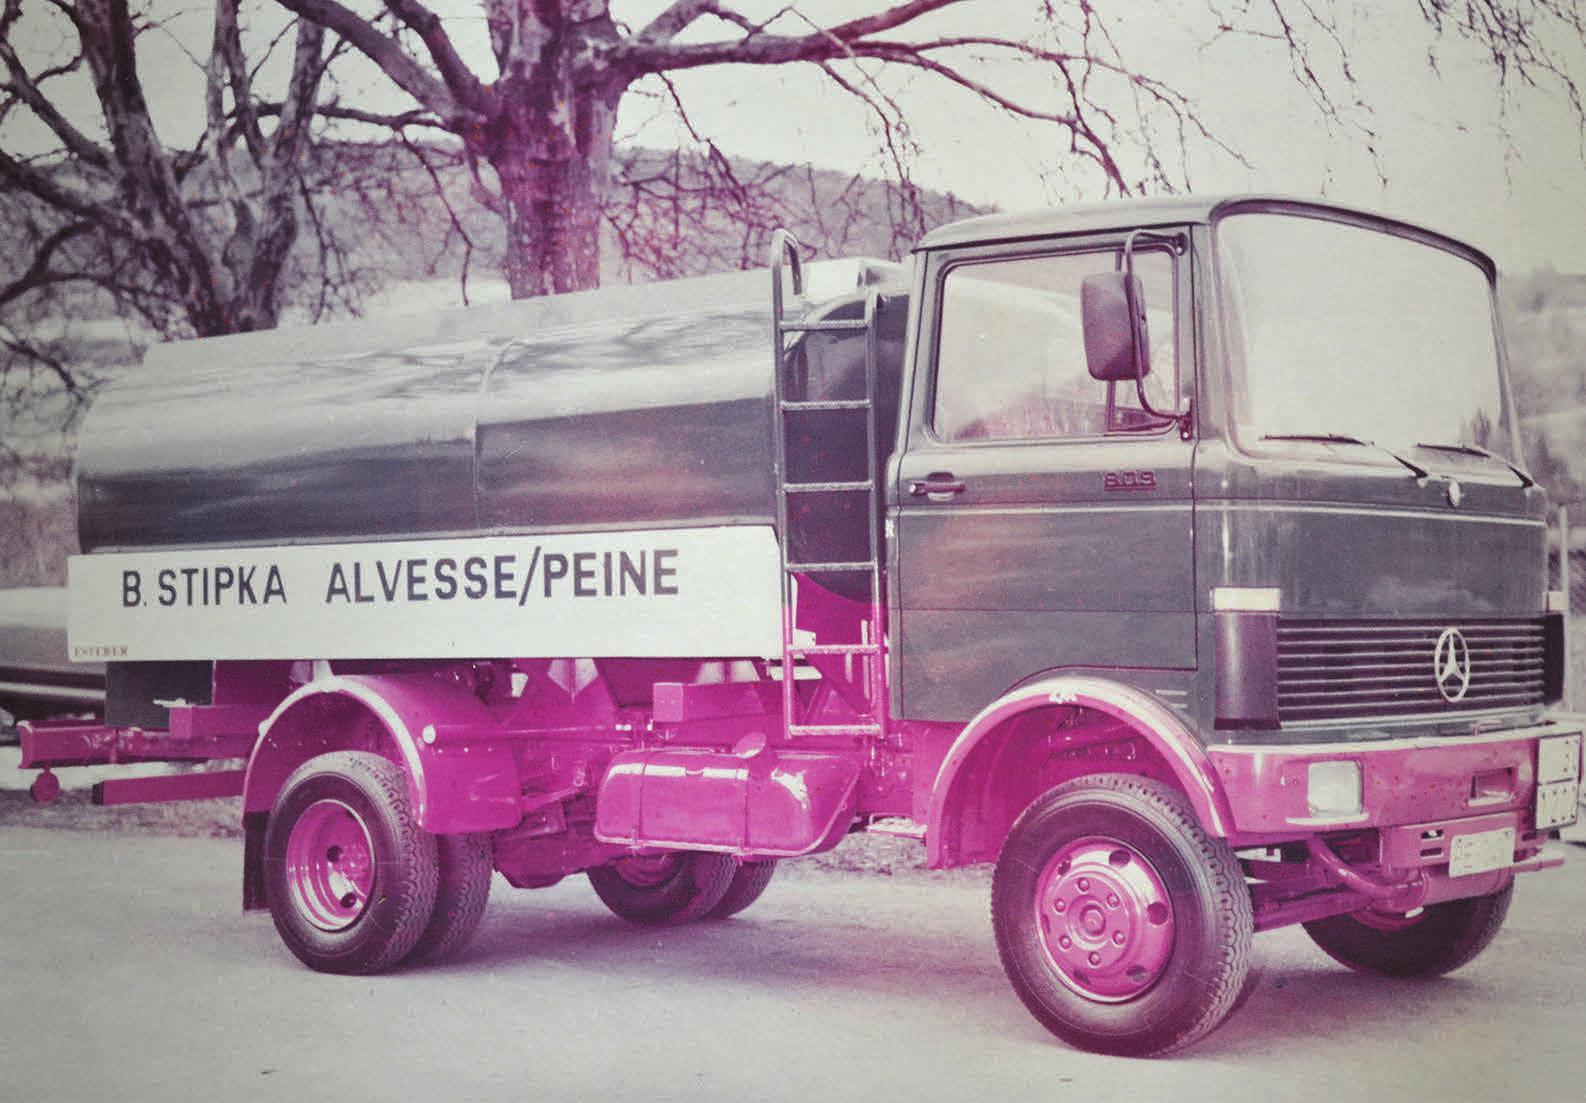 Ein Transport-Lkw der Firma Stipka aus der guten alten Zeit.